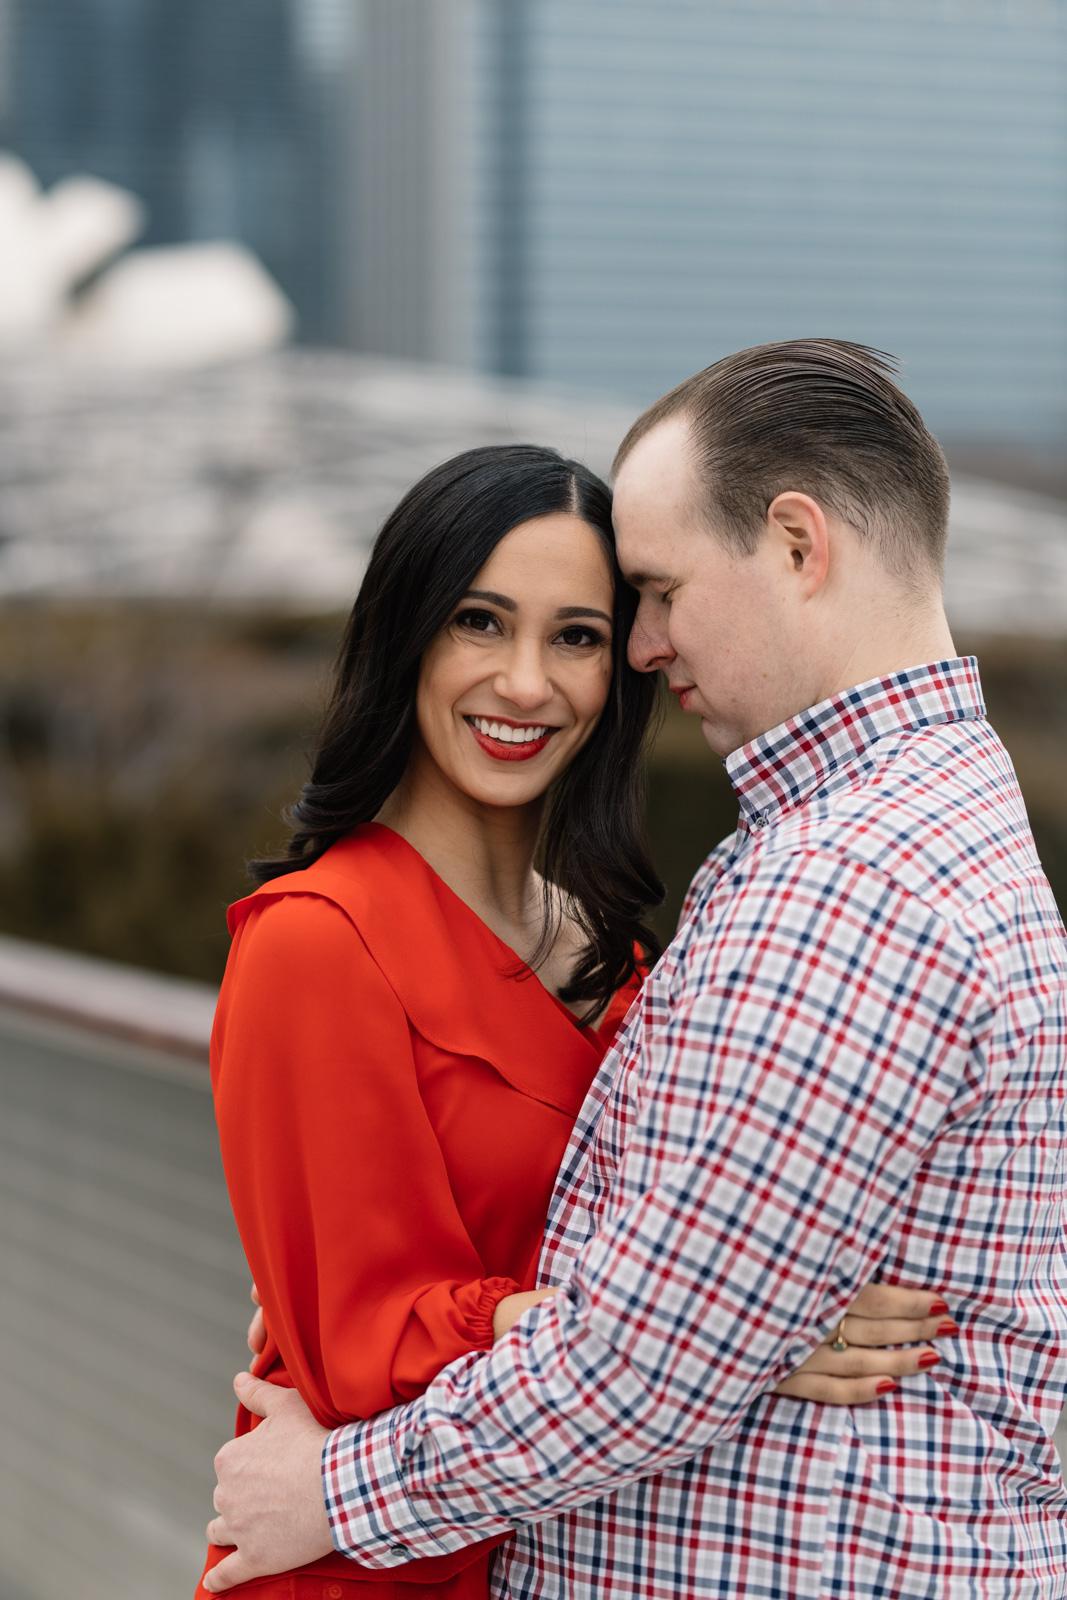 couple chicago February engagement